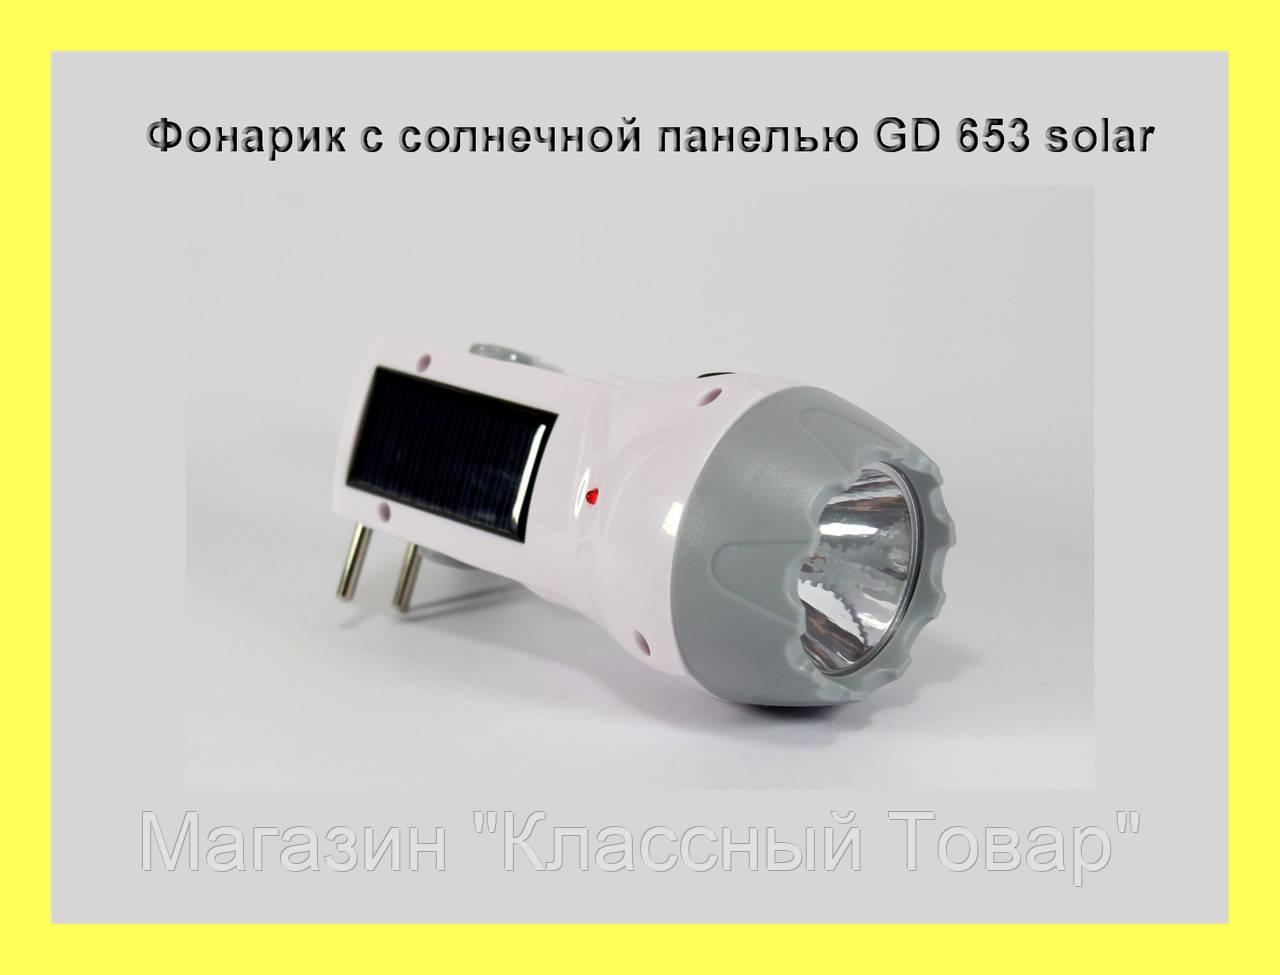 Компактный Фонарик с солнечной панелью GD 653 solar!Лучший подарок